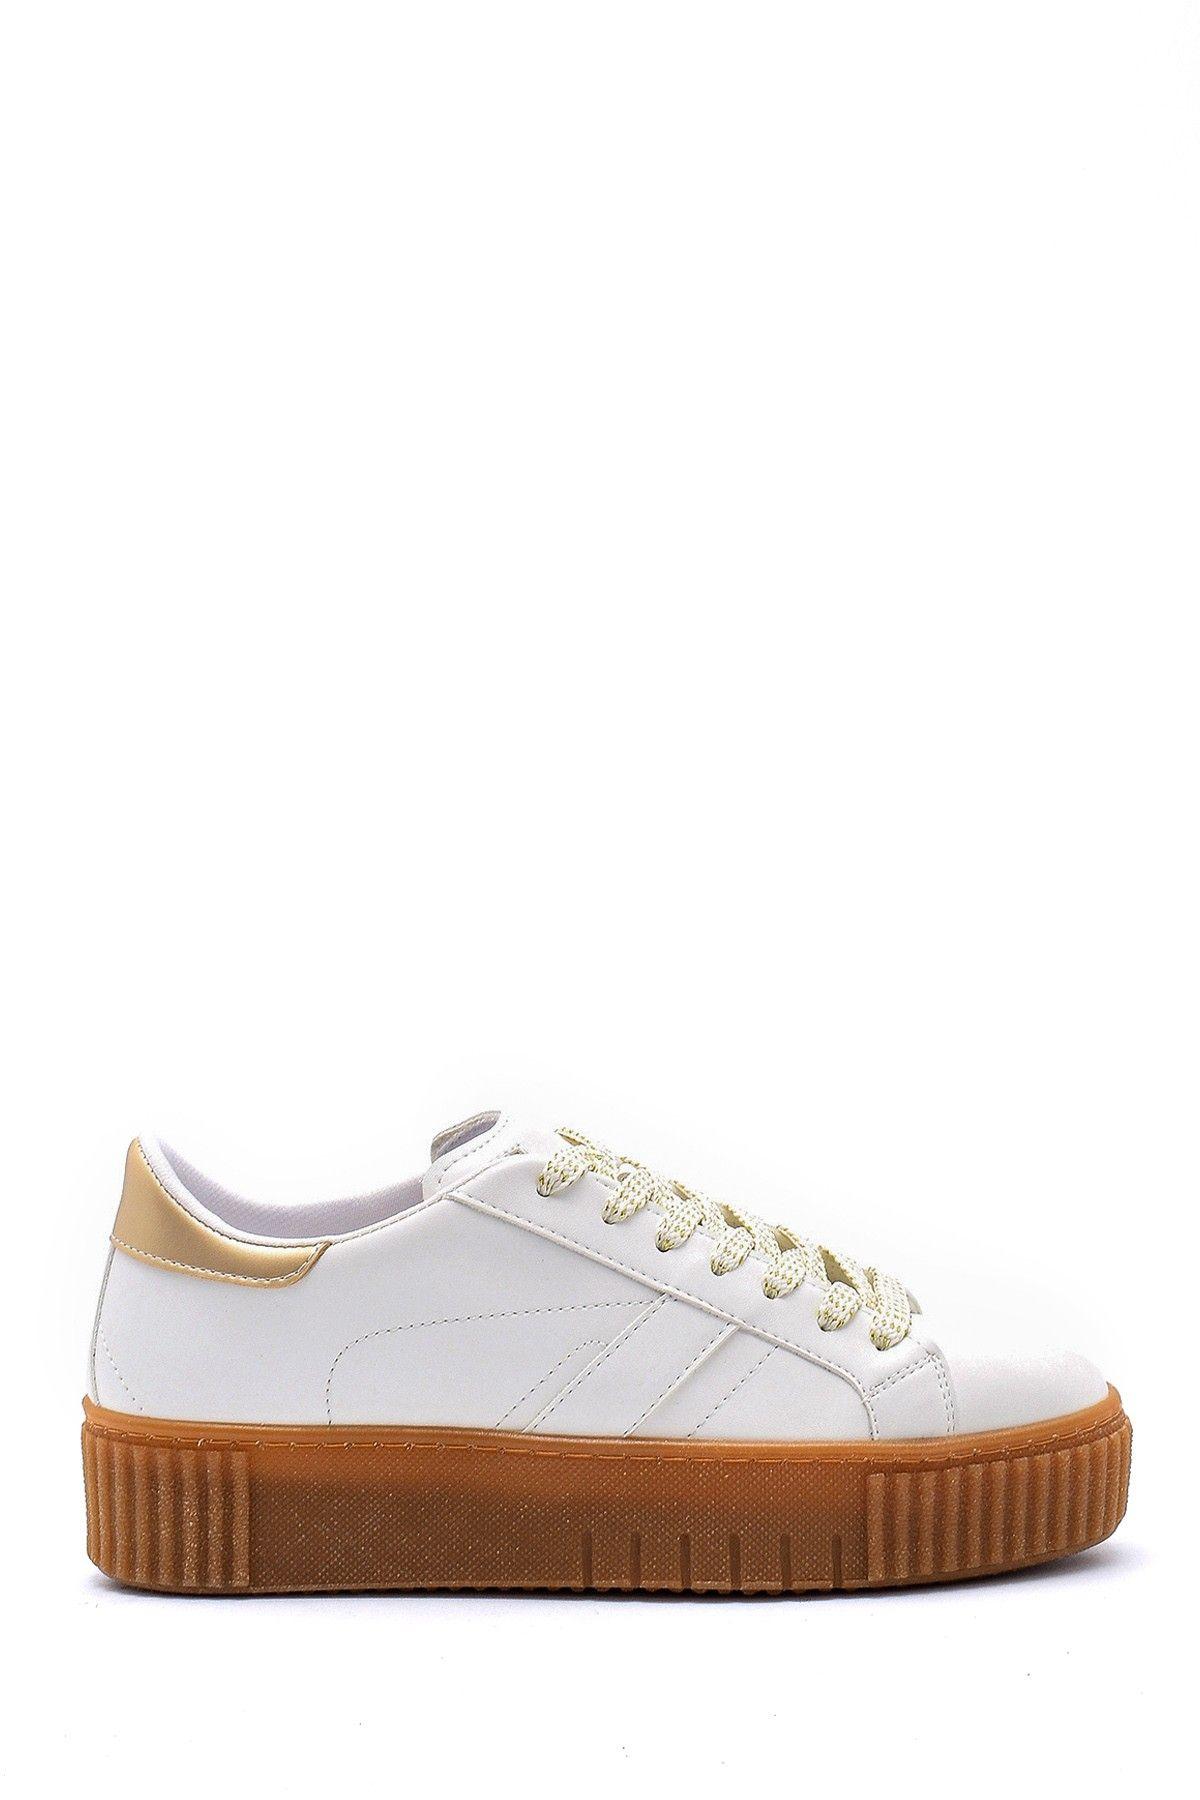 Beyaz Kadin Yuksek Tabanli Sneaker 20sfe193418 Derimod 2020 Sneaker Kadin Topuklular